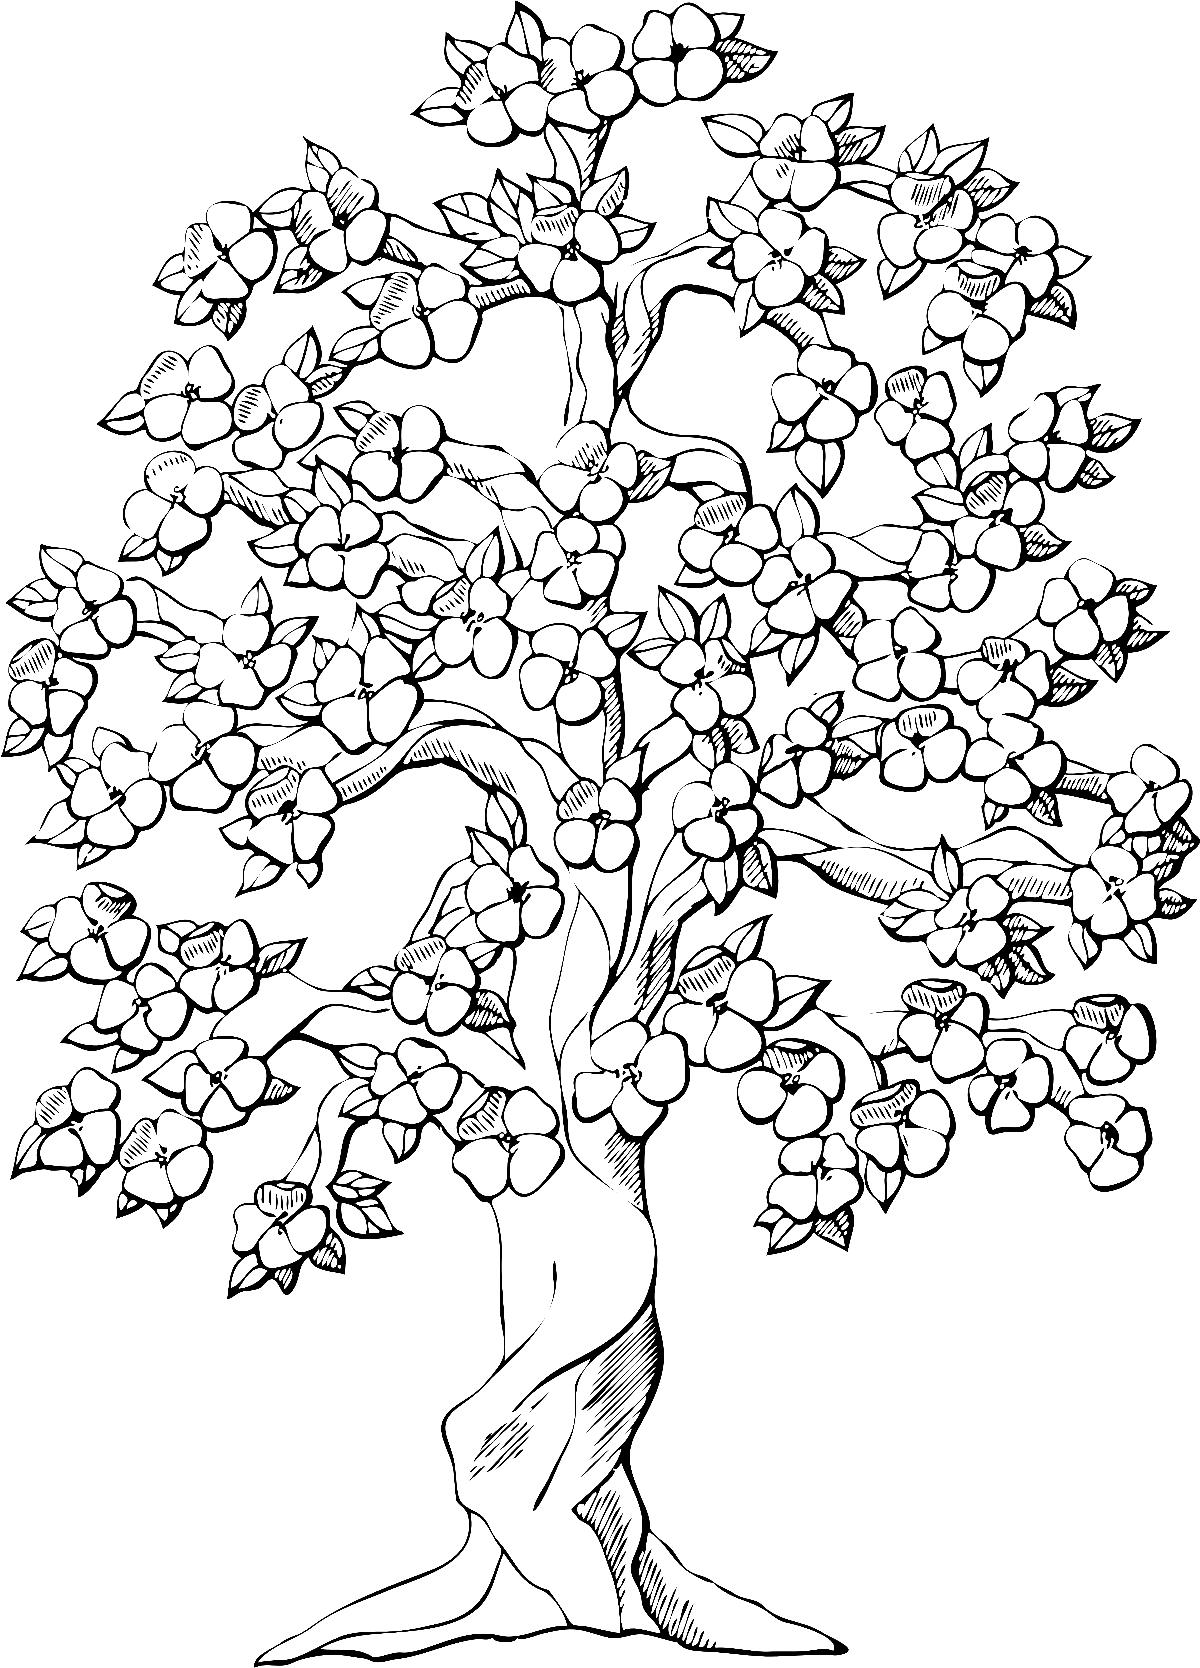 Цветущее дерево - раскраска №13936 | Printonic.ru